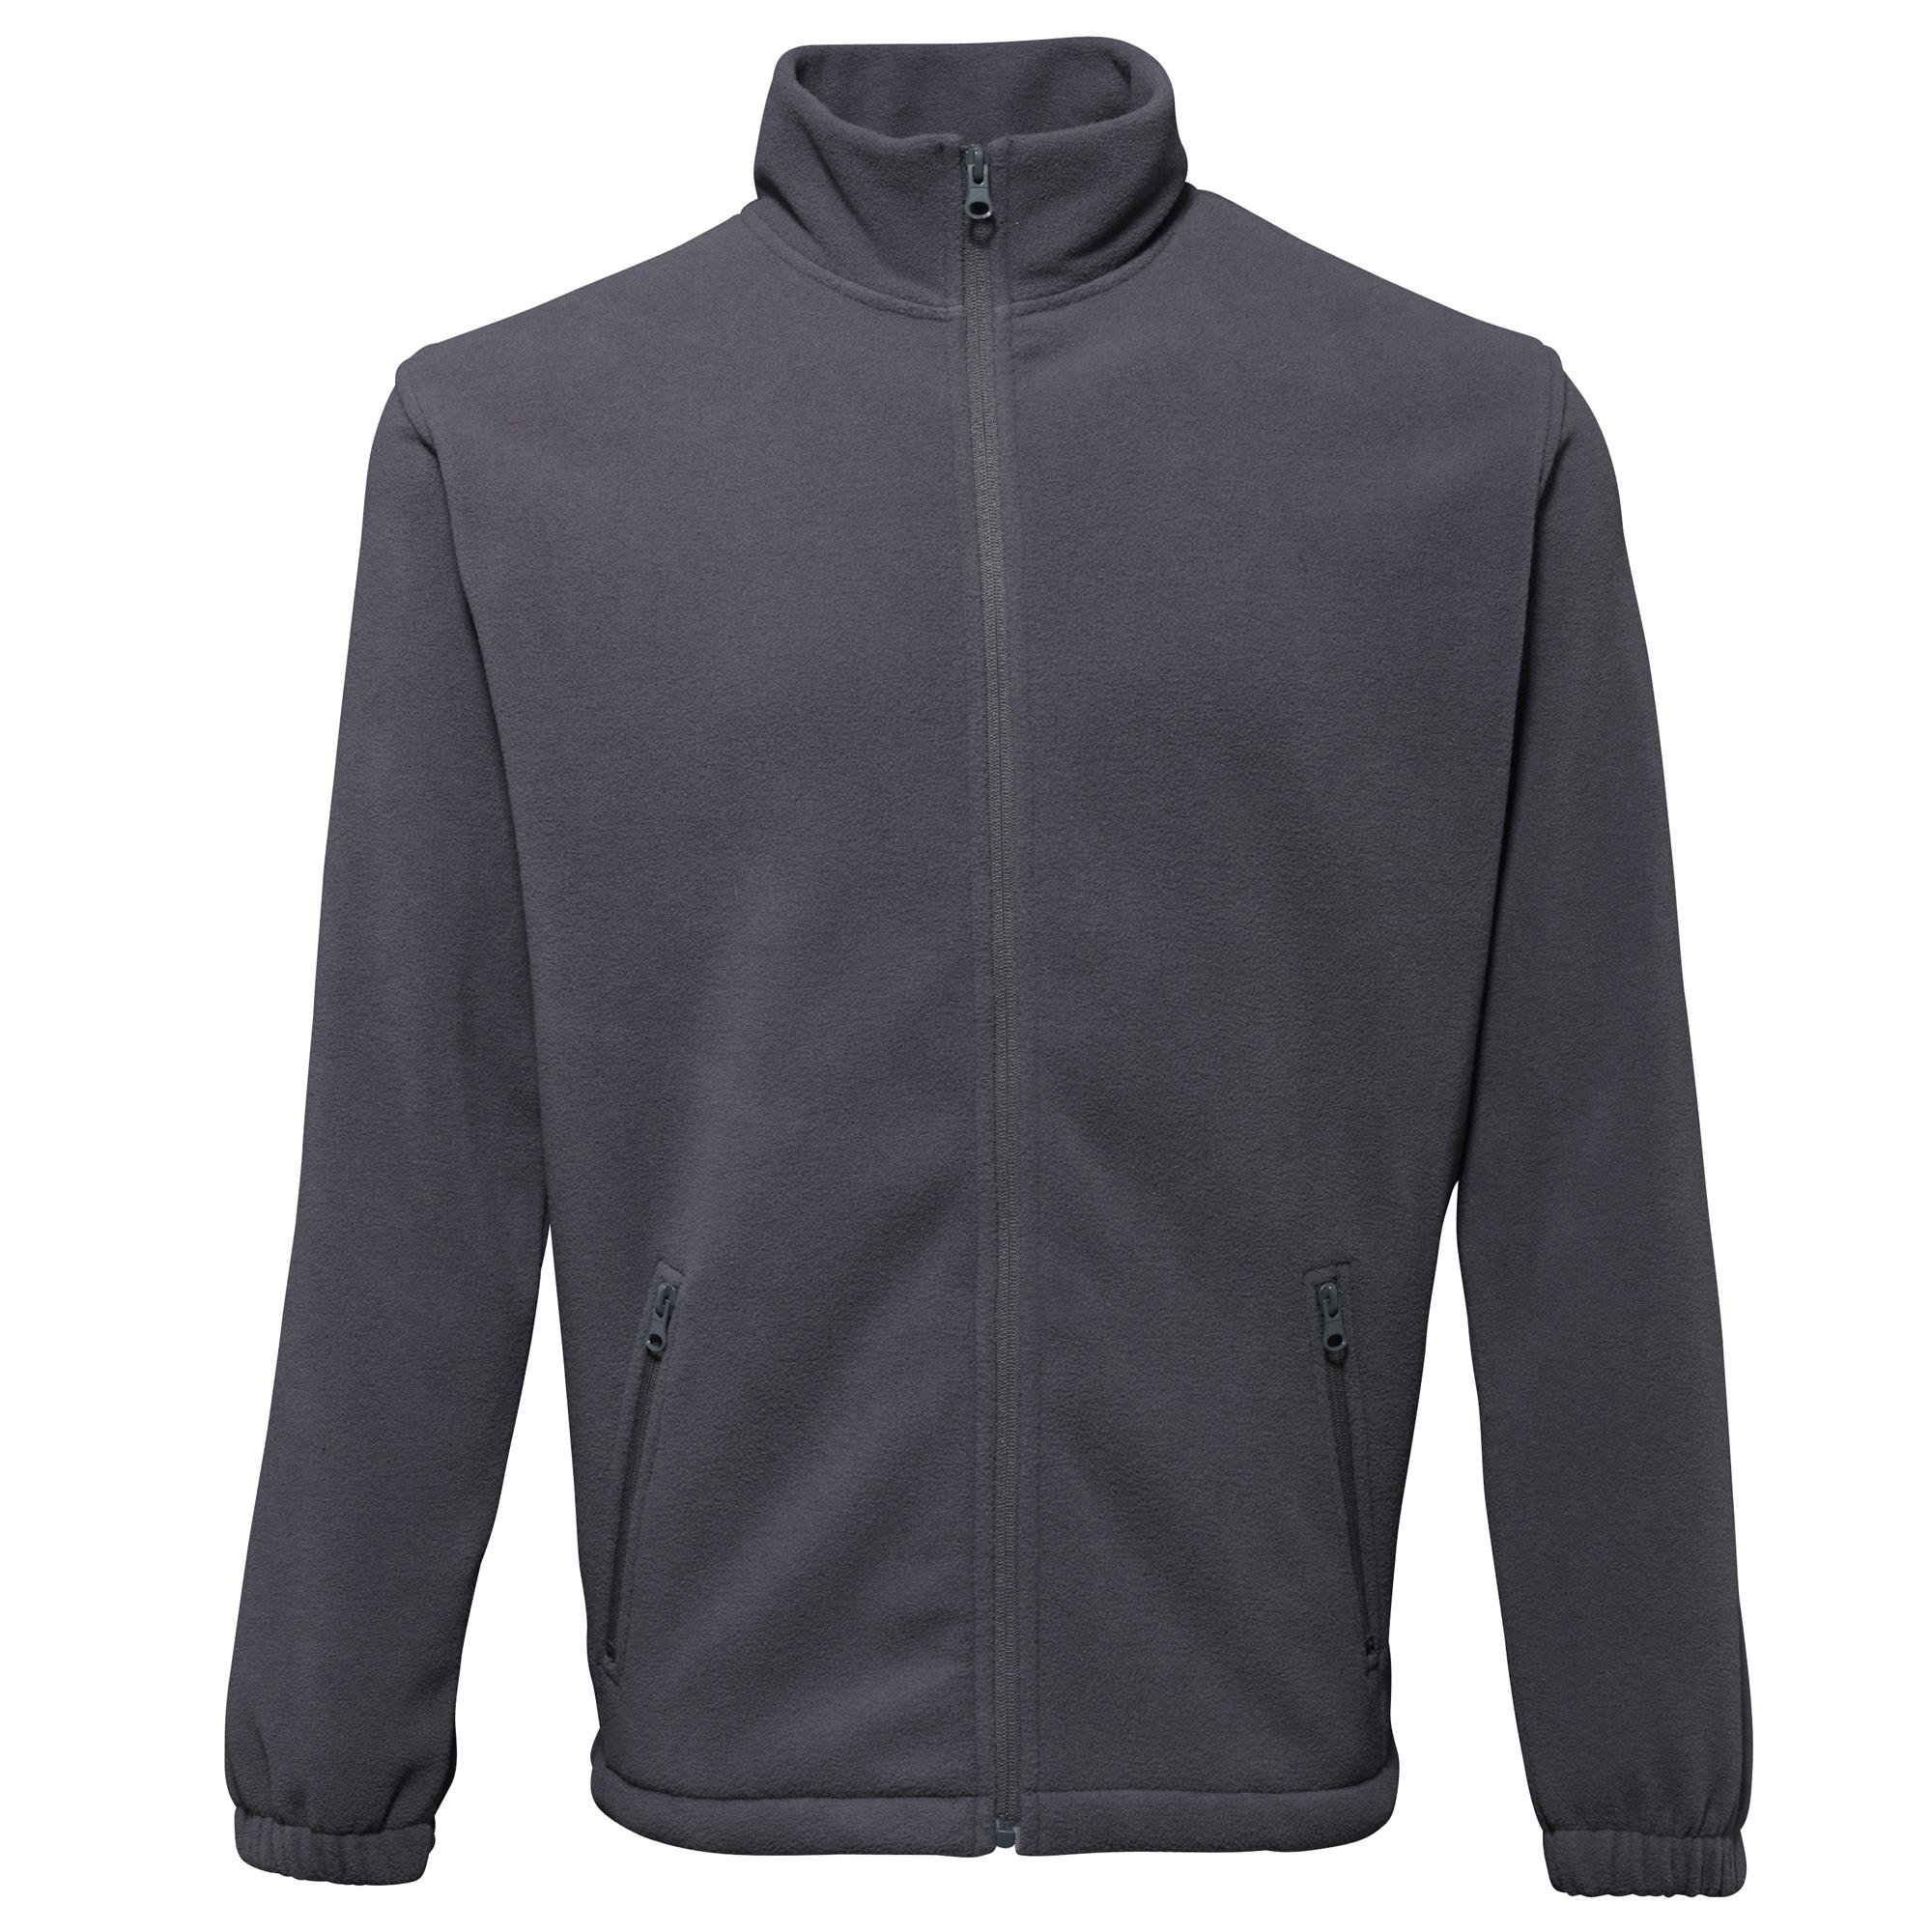 2786 Mens Full Zip Fleece Jacket (280 GSM) (M) (Charcoal)